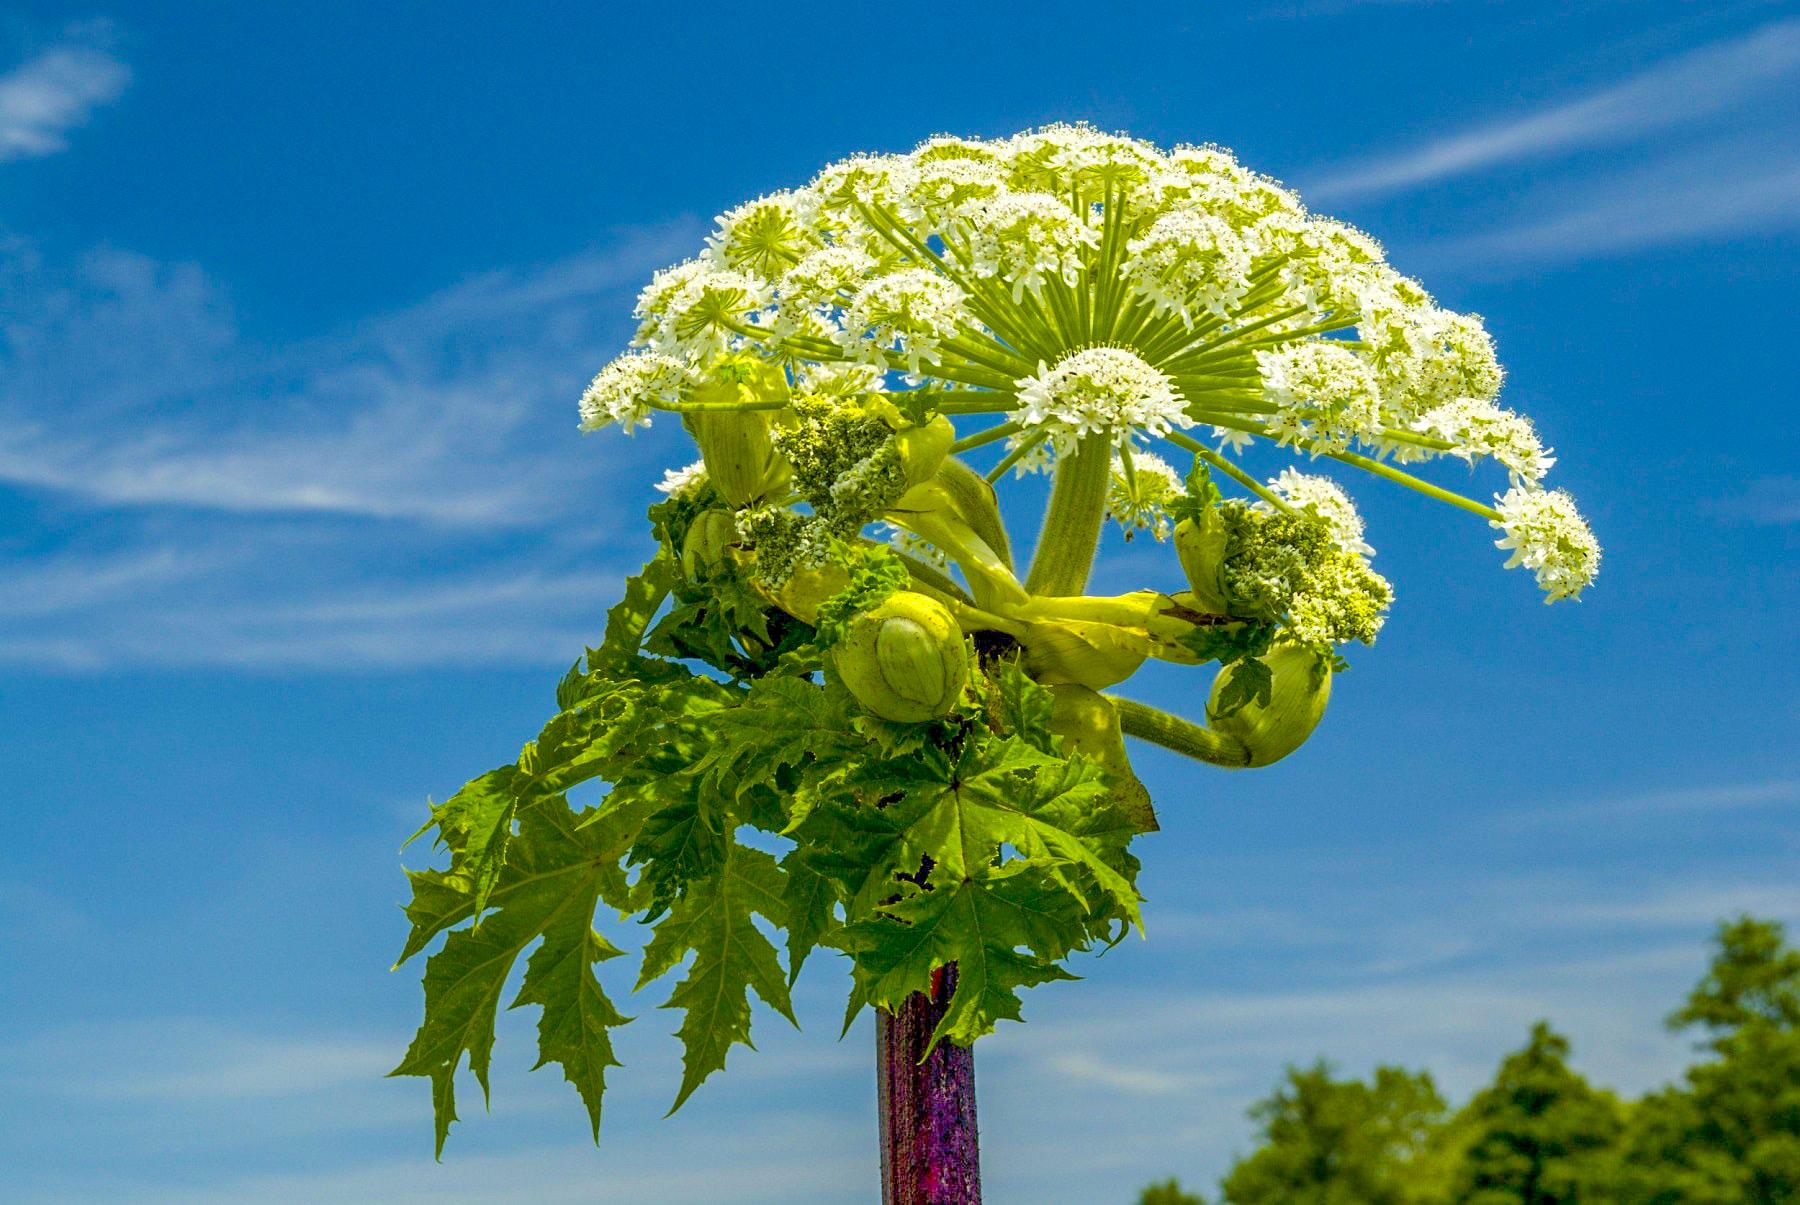 подойдут как выглядит борщевик растение фото надеюсь, что